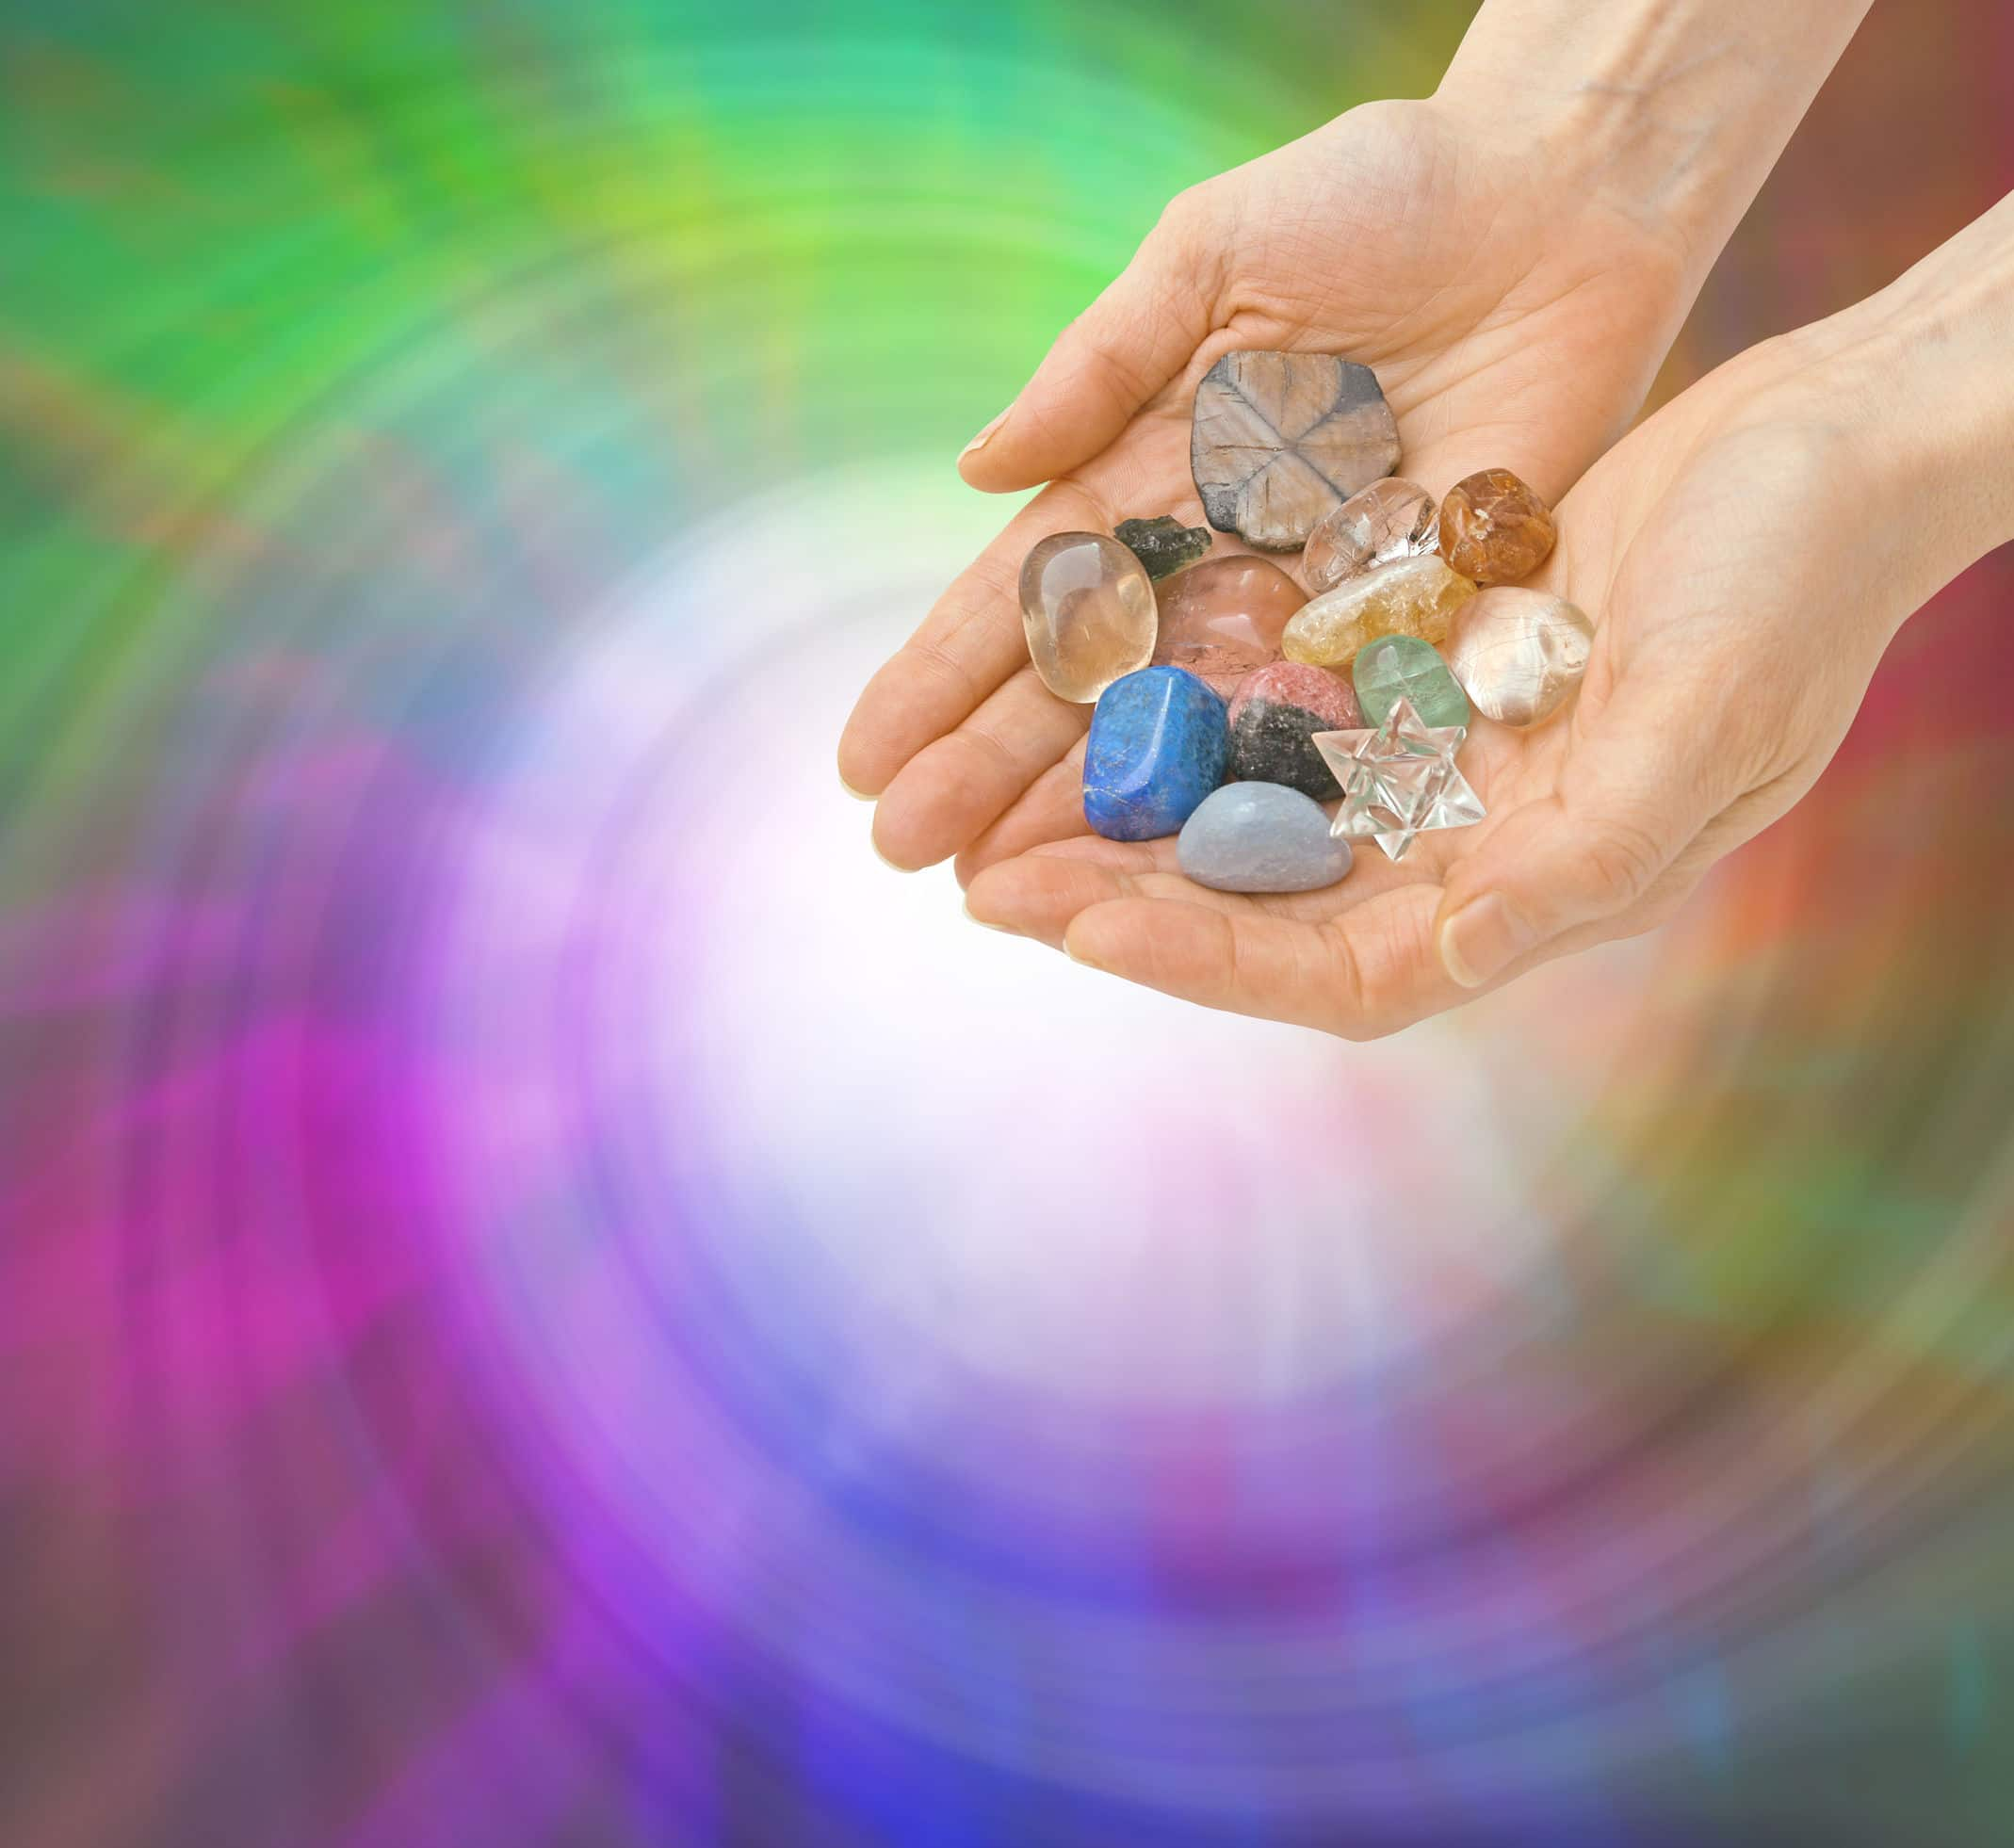 Imagem com duas mãos segurando diversas pedras e cristais coloridos, na frente de um fundo colorido em espiral.